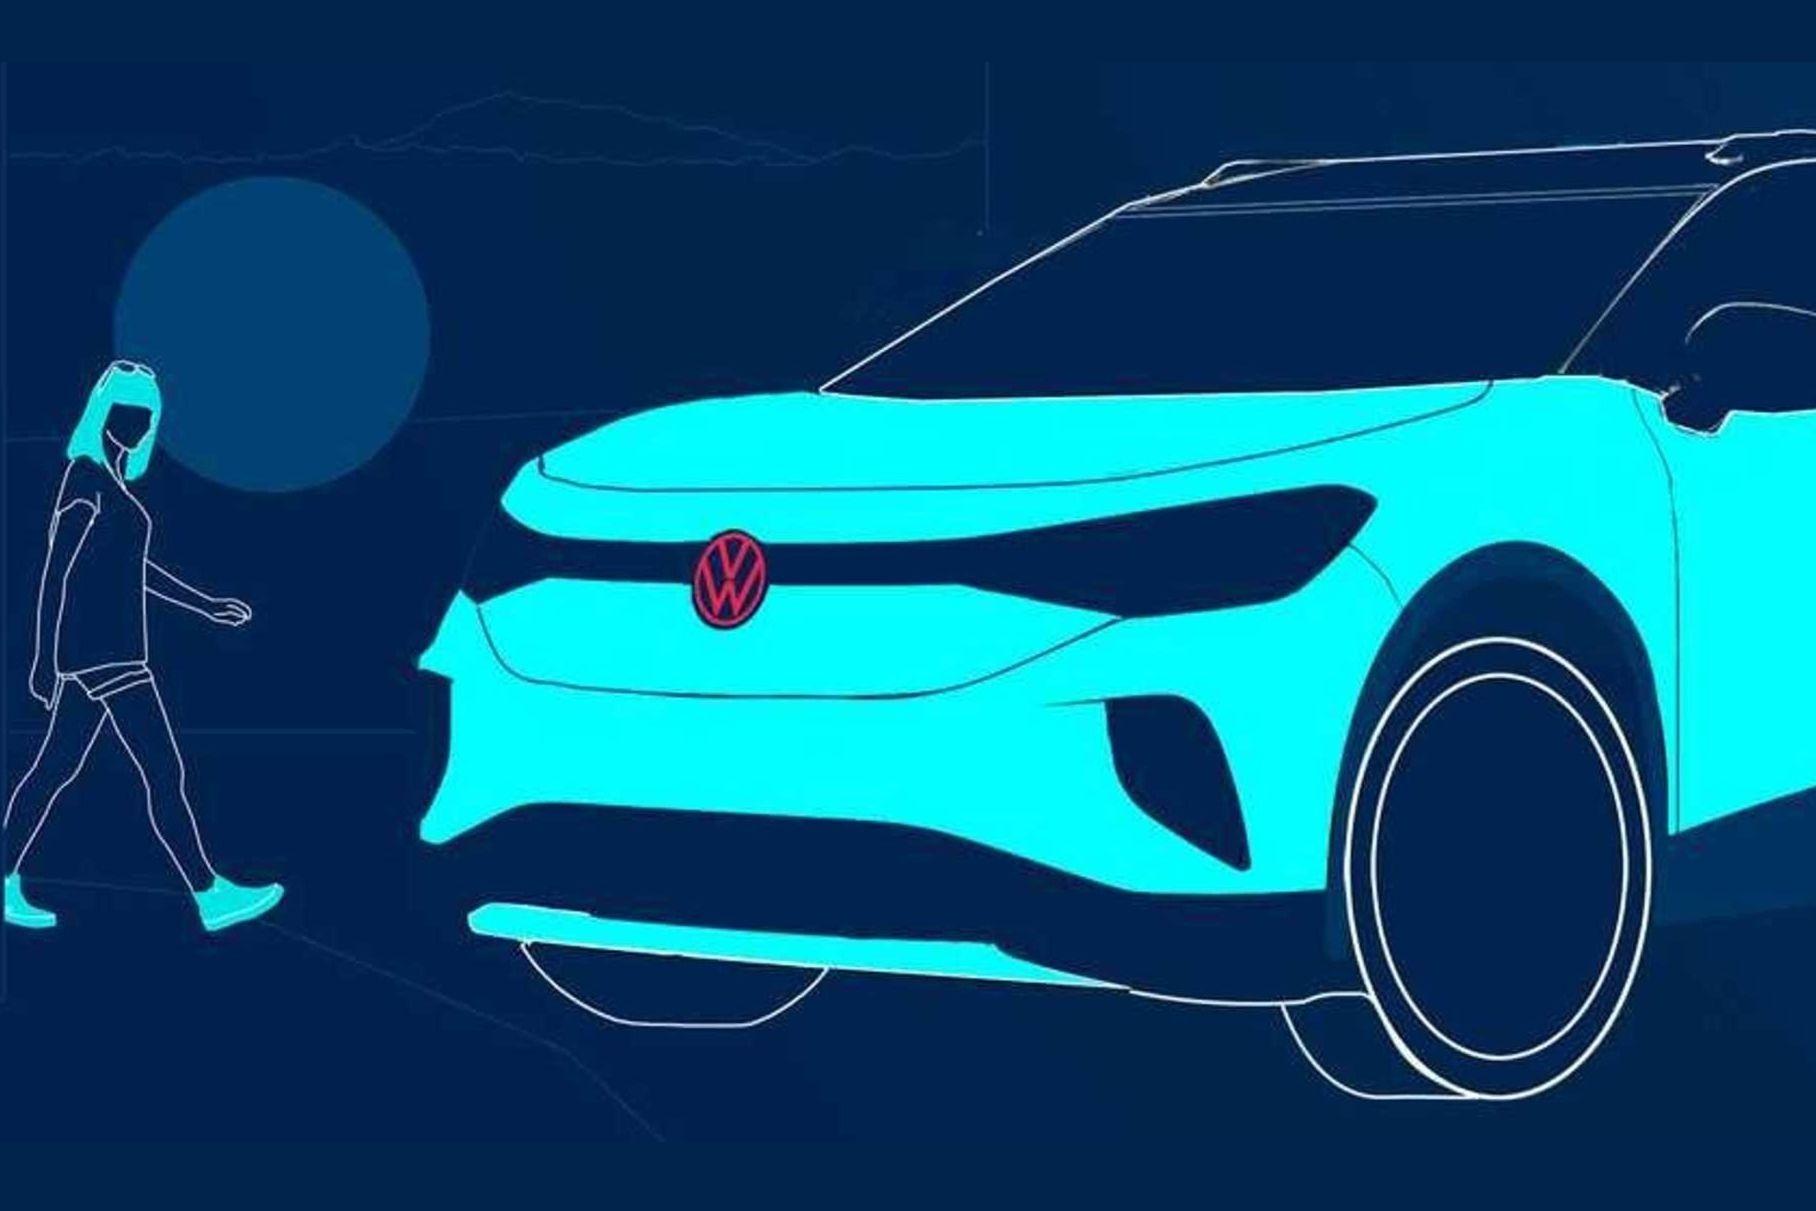 VW показали тизер нового электромобиля ID.4